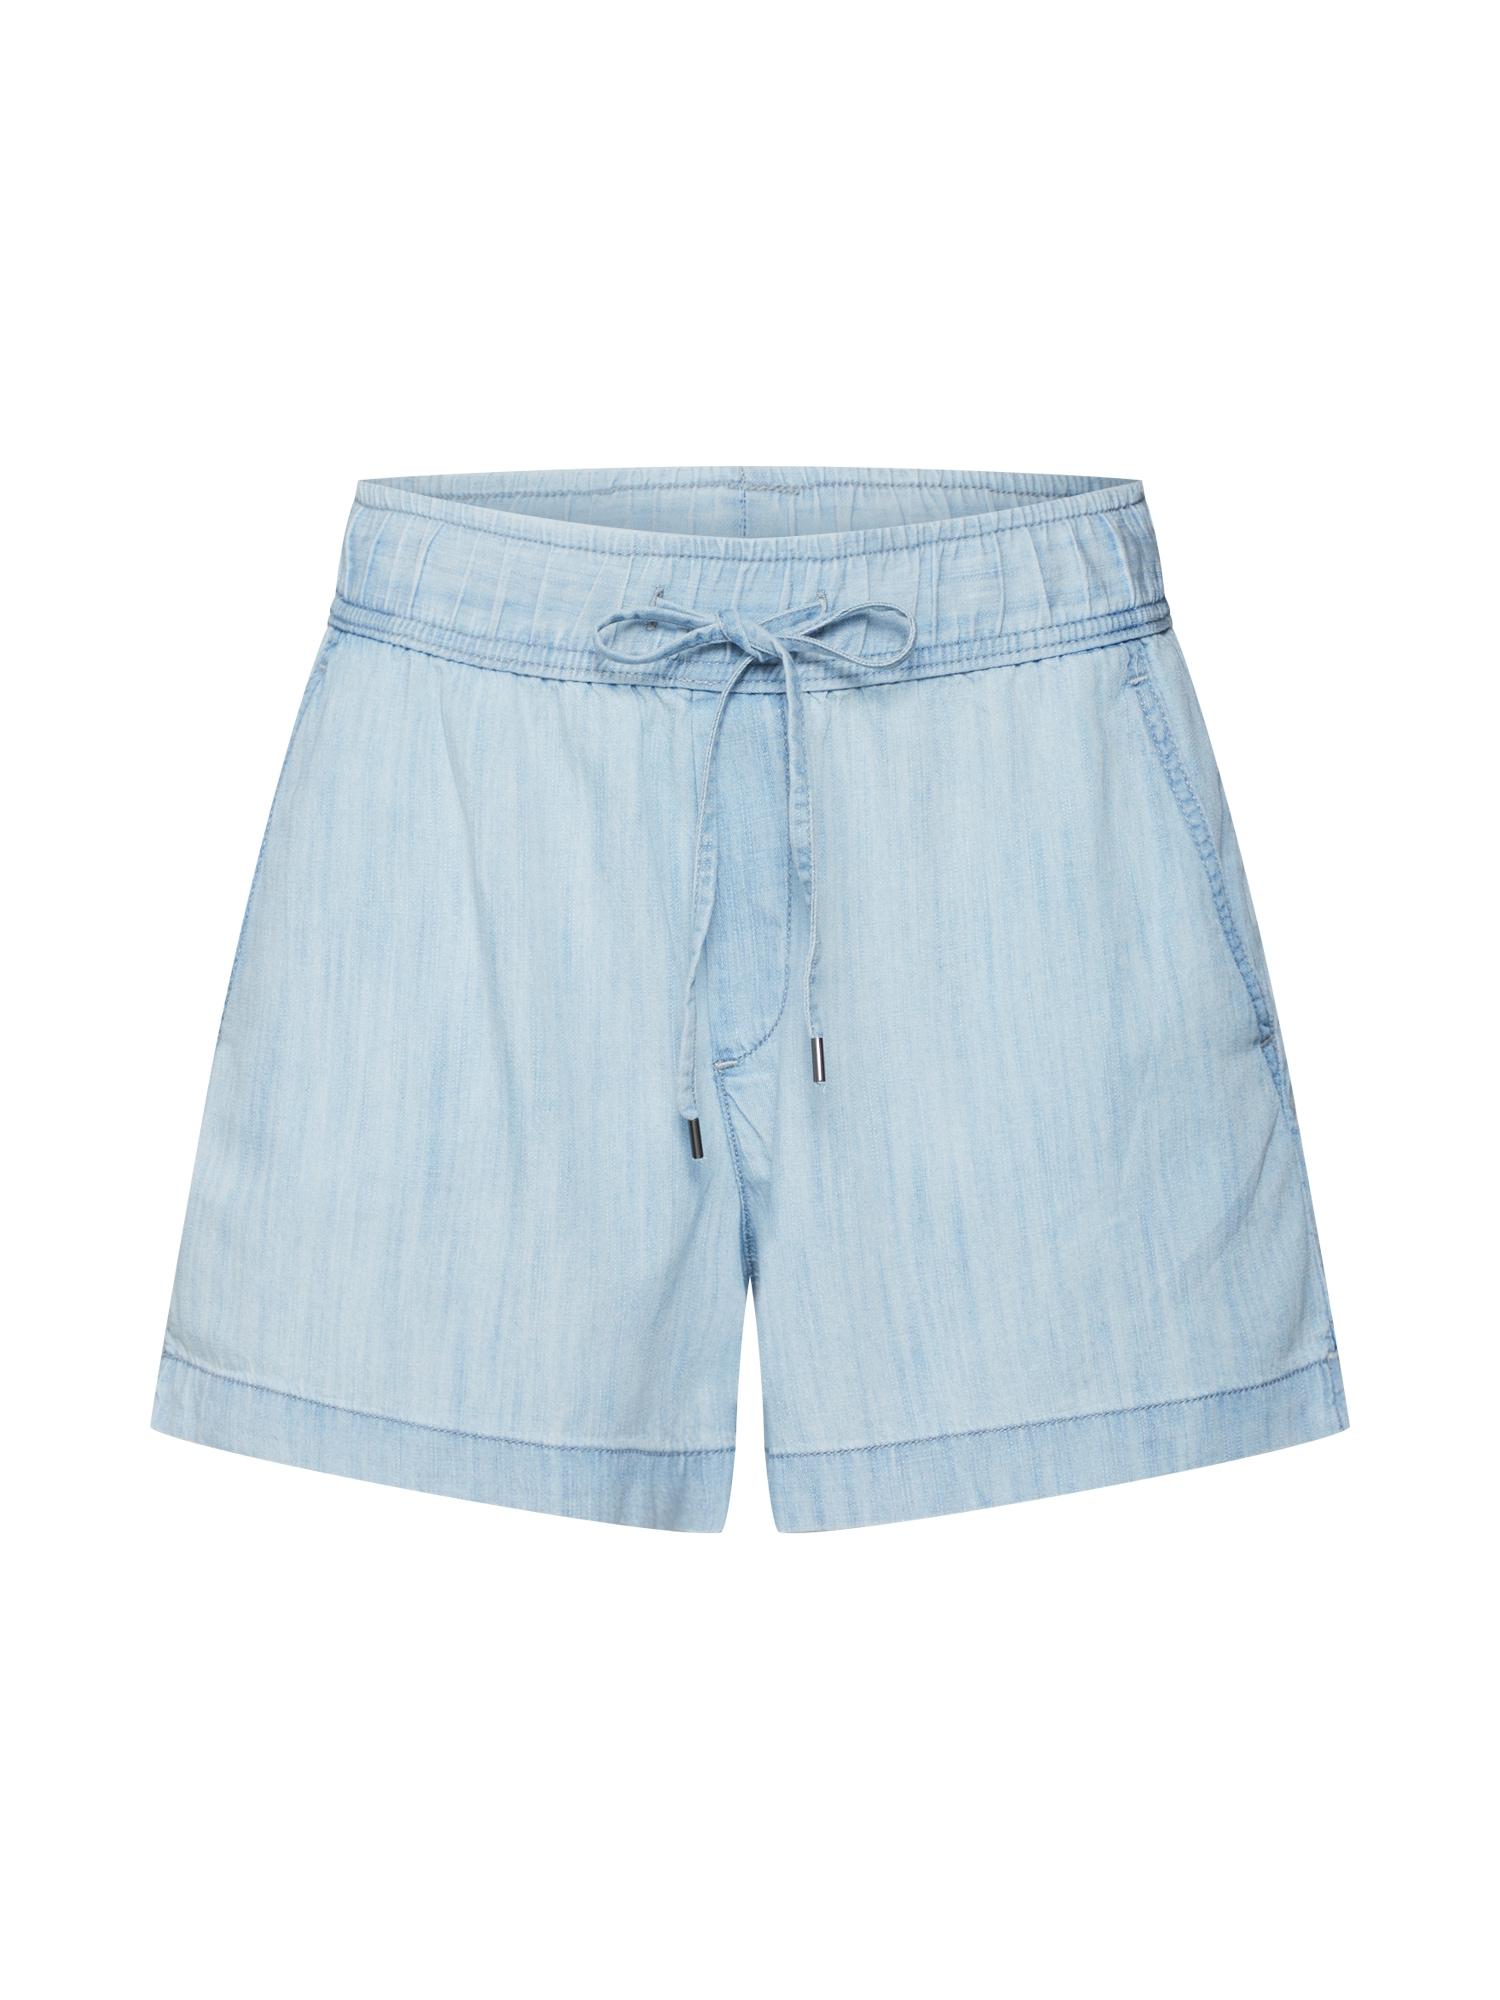 Kalhoty CHAMBRAY modrá džínovina světlemodrá GAP